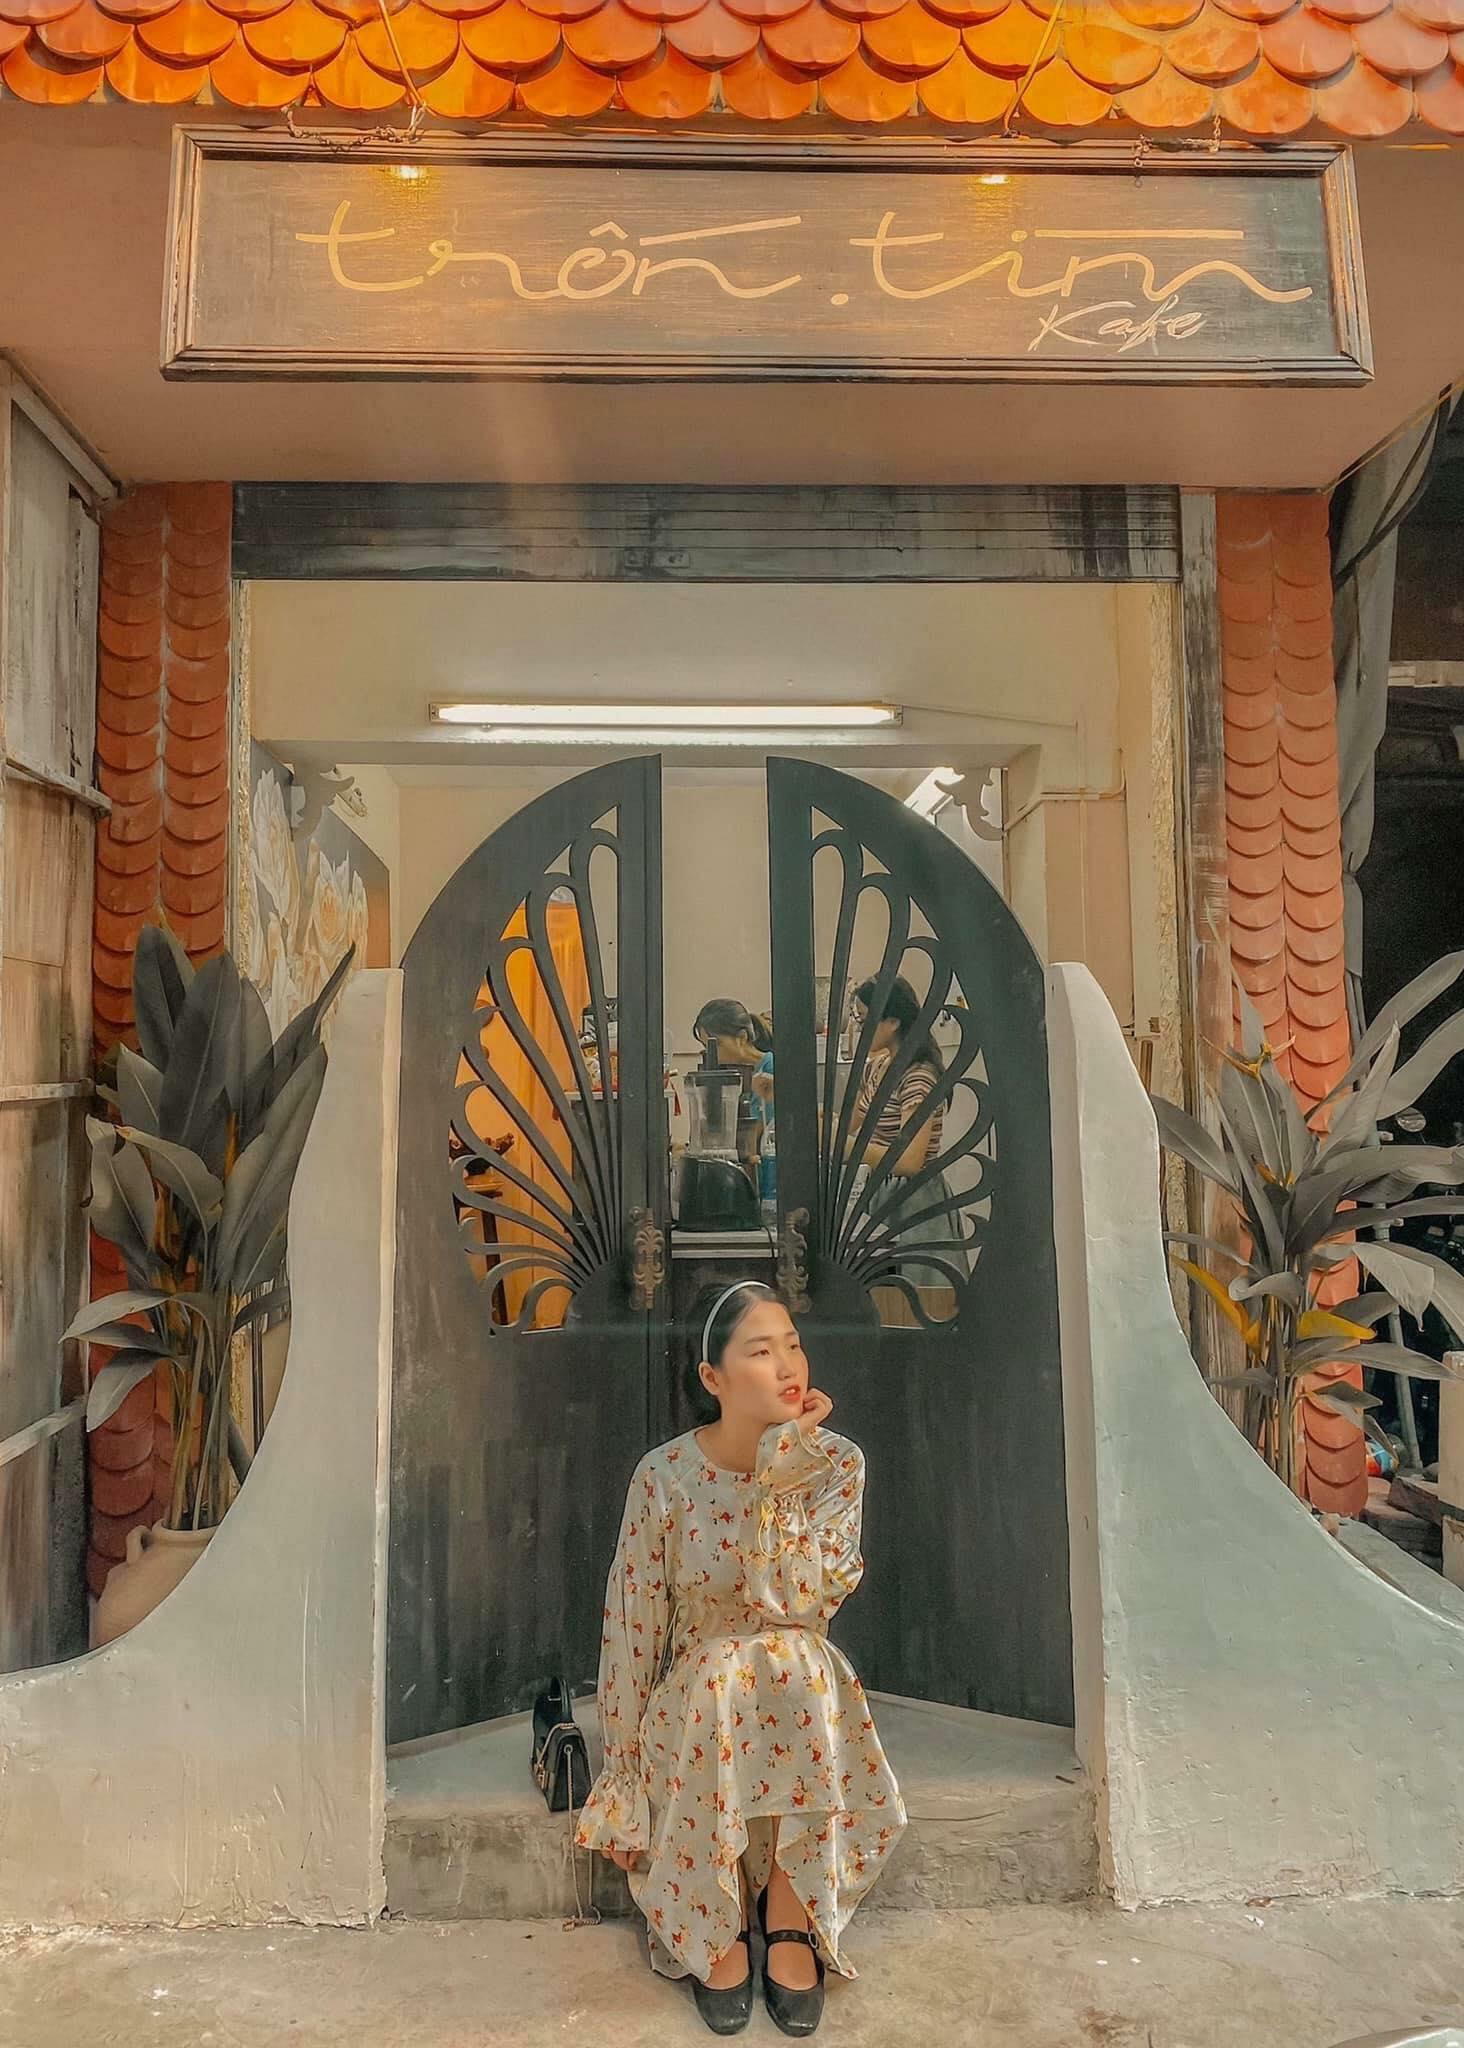 Dịp Tết Dương lịch, ghé thăm những quán cà phê mang phong cách cổ xưa tại Hà Nội  - Ảnh 7.